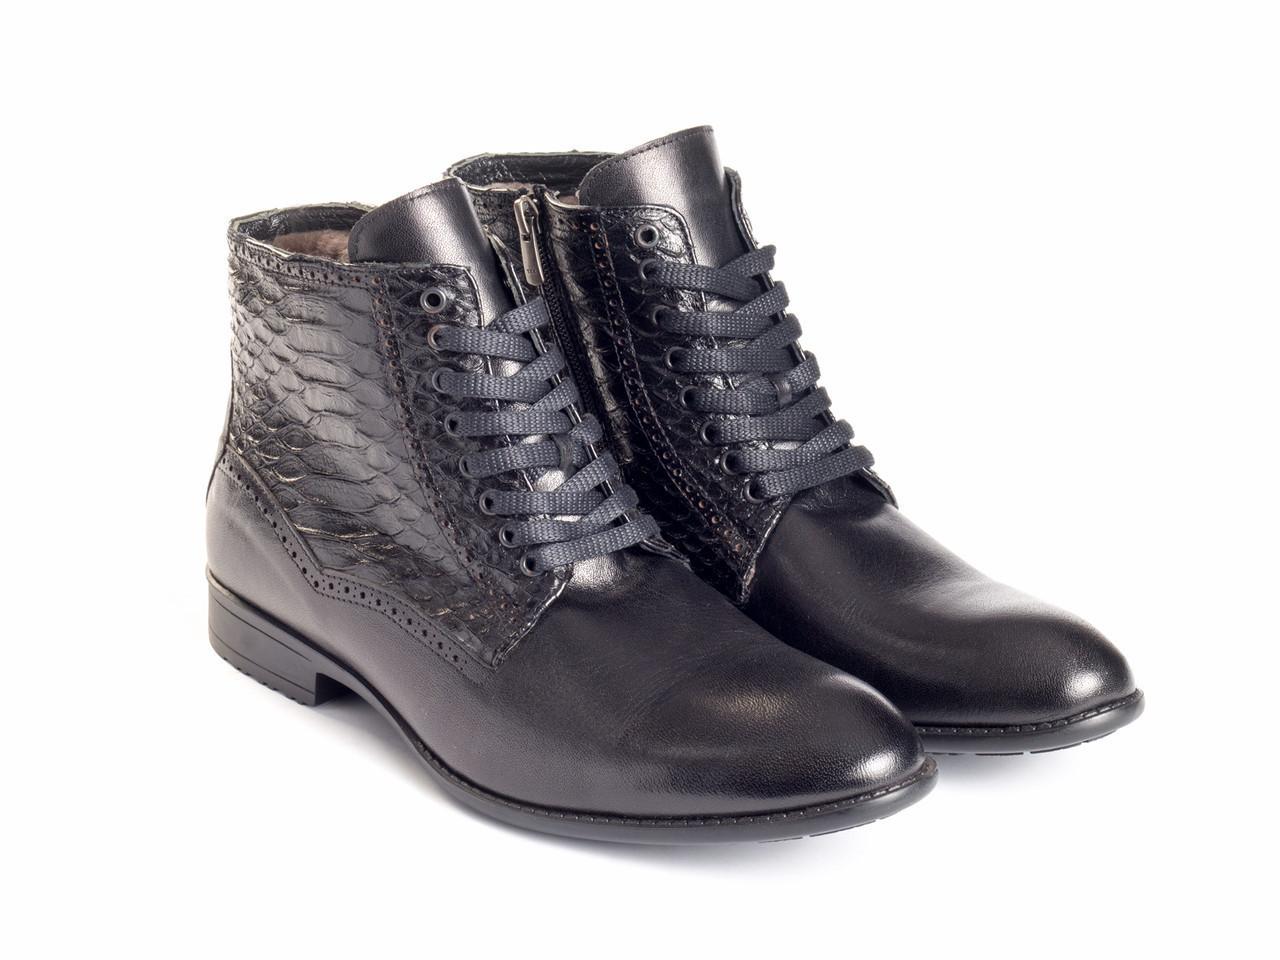 Ботинки Etor 12110-14820-02 44 черные